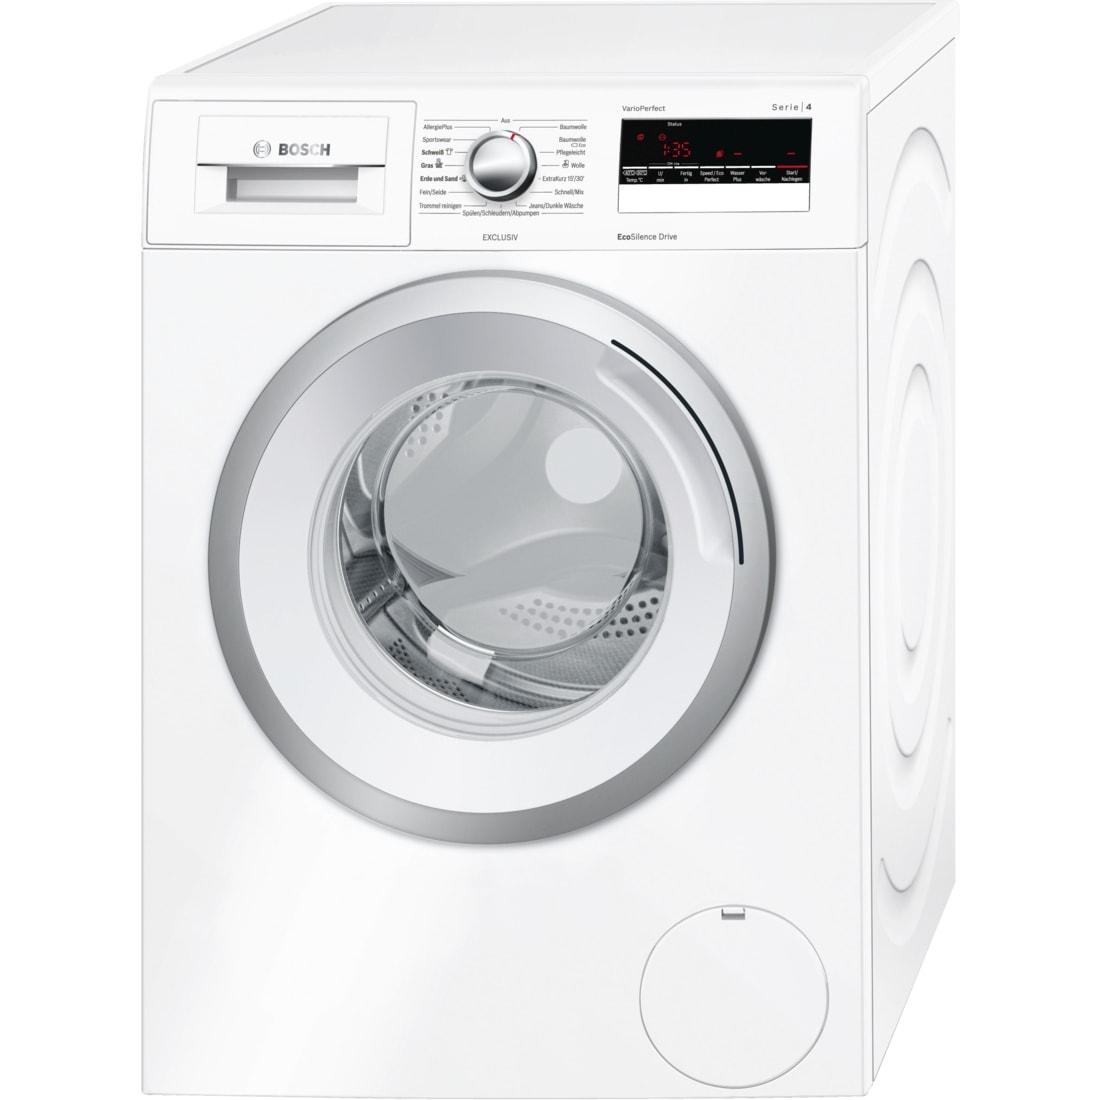 Bosch WAN282EURO Waschmaschine 7kg 1400U/min A+++ Frontlader AquaStop-Schlauch für 399,00 Euro